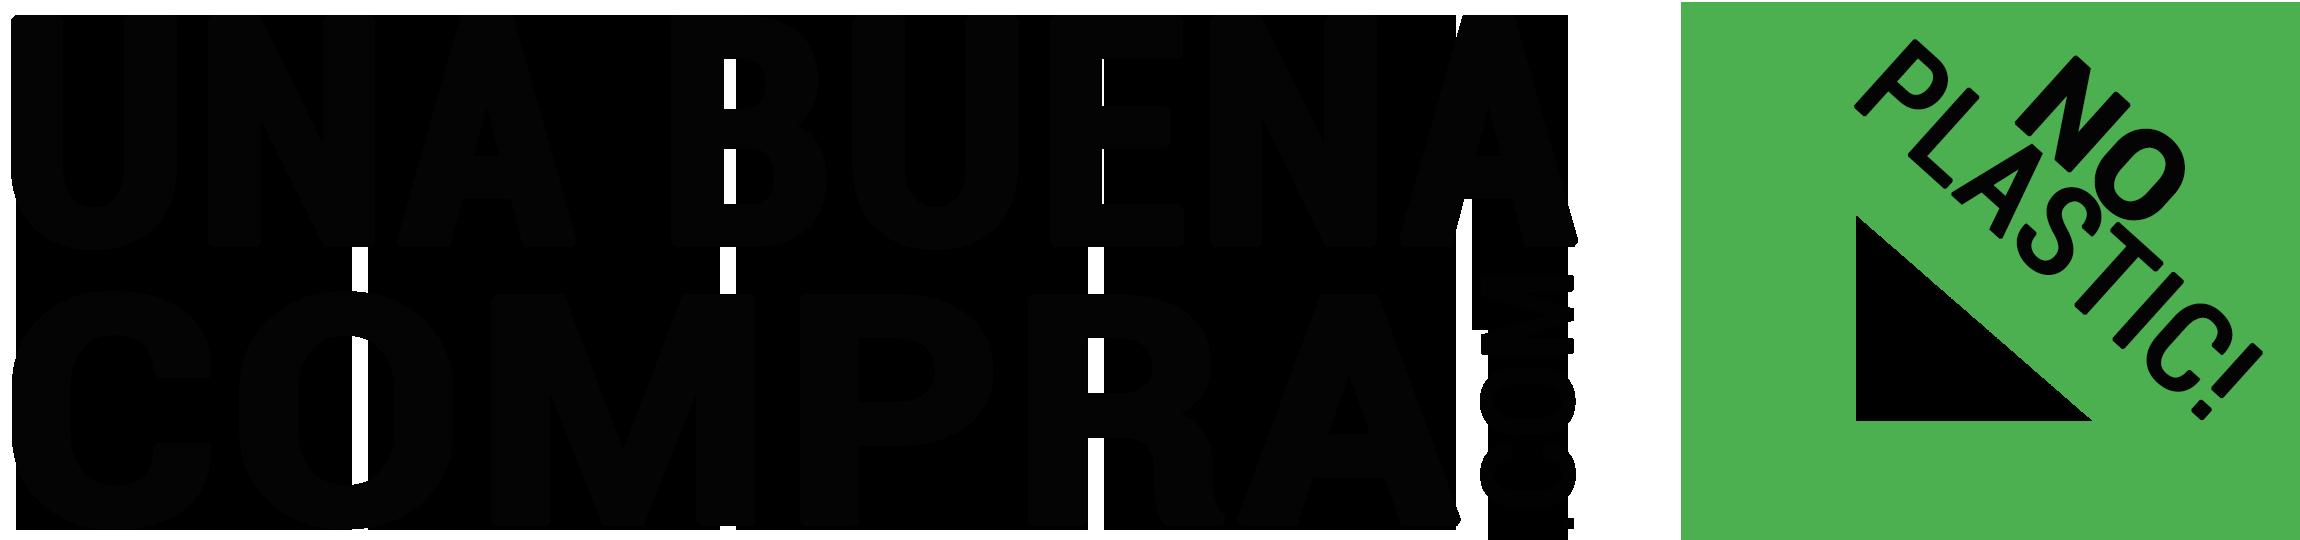 ONVAYA/® Bandeja para ba/ñera de Madera de bamb/ú Bandeja de ba/ño Extensible tel/éfono m/óvil y Copa de Vino Bandeja para ba/ñera con Soportes para Libro Color Negro